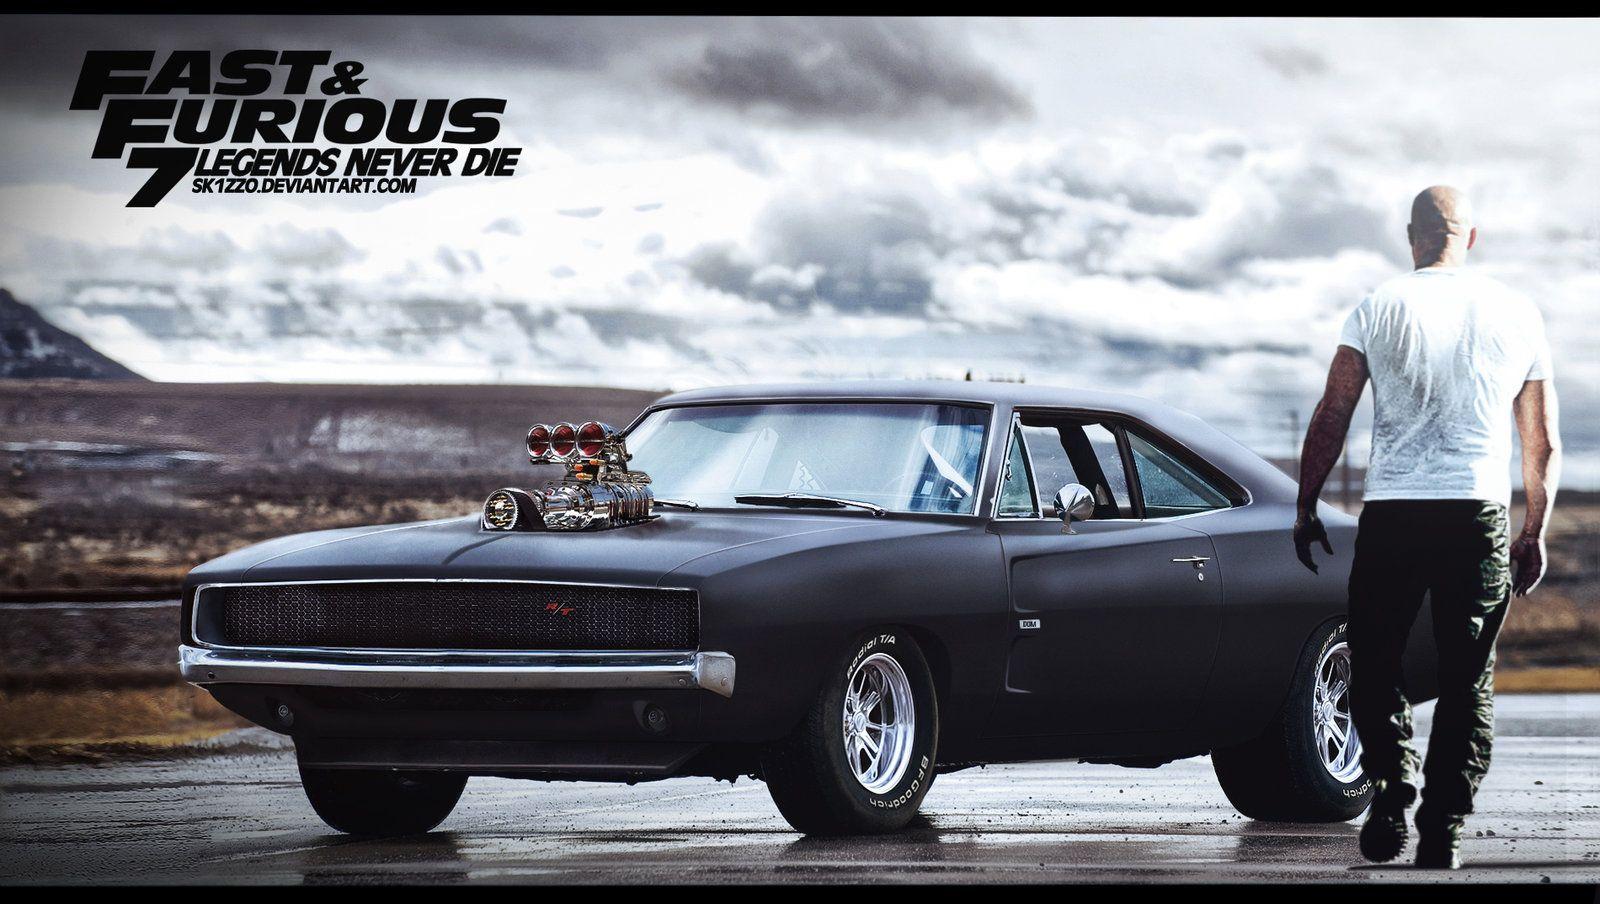 Fast And Furious 7 Wallpapers Filmes De Carros Carros Velozes E